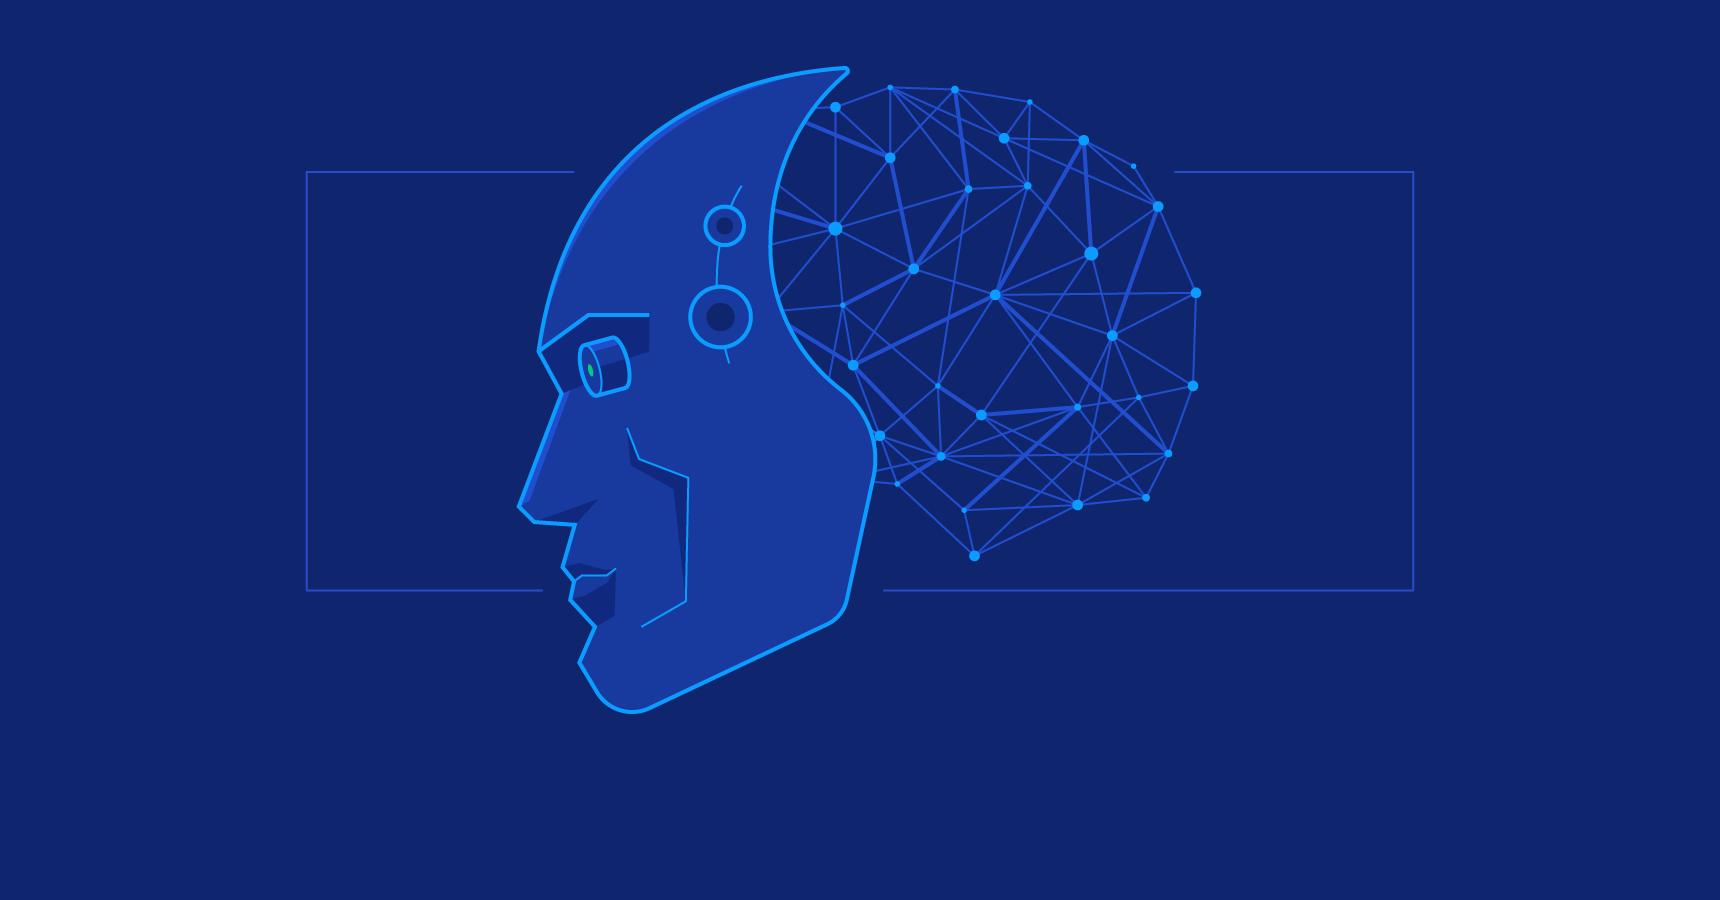 Las 7 claves para implementar con éxito Machine Learning en su empresa